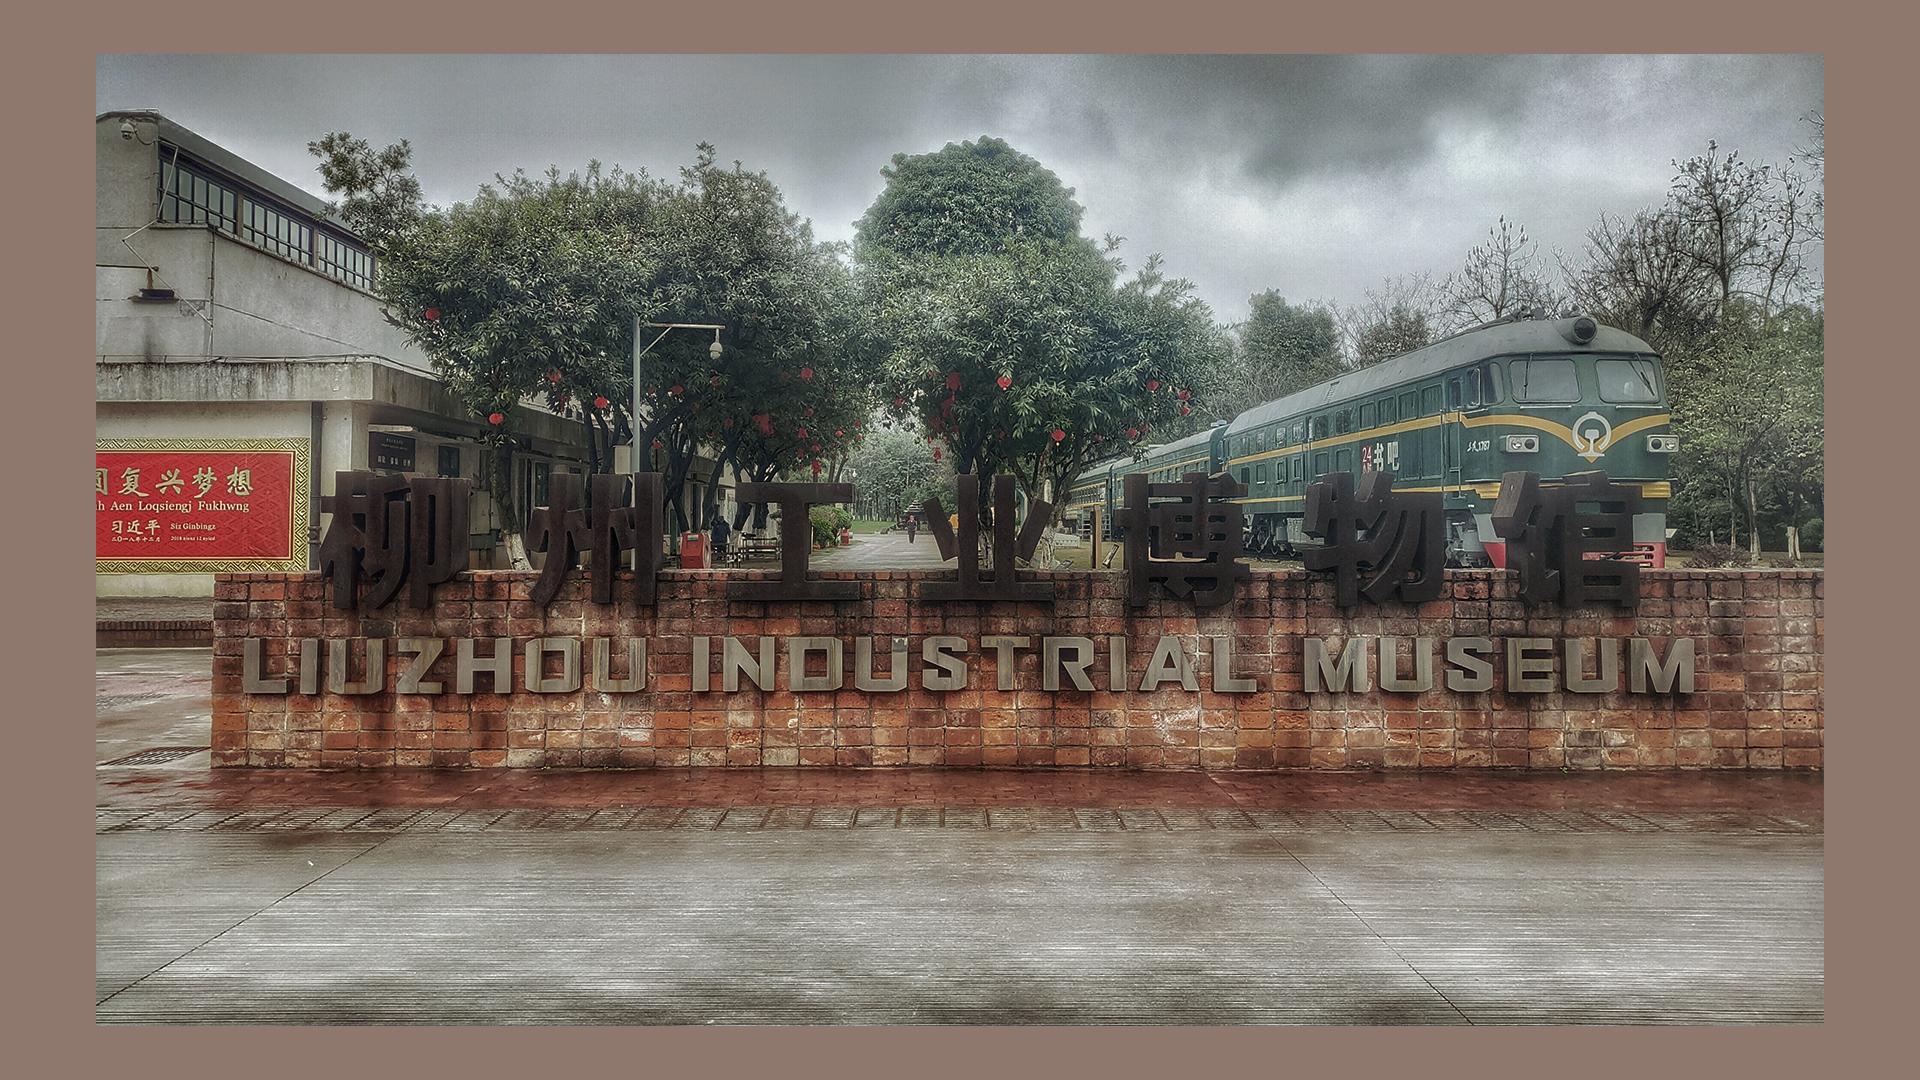 柳州市工业博物馆外景